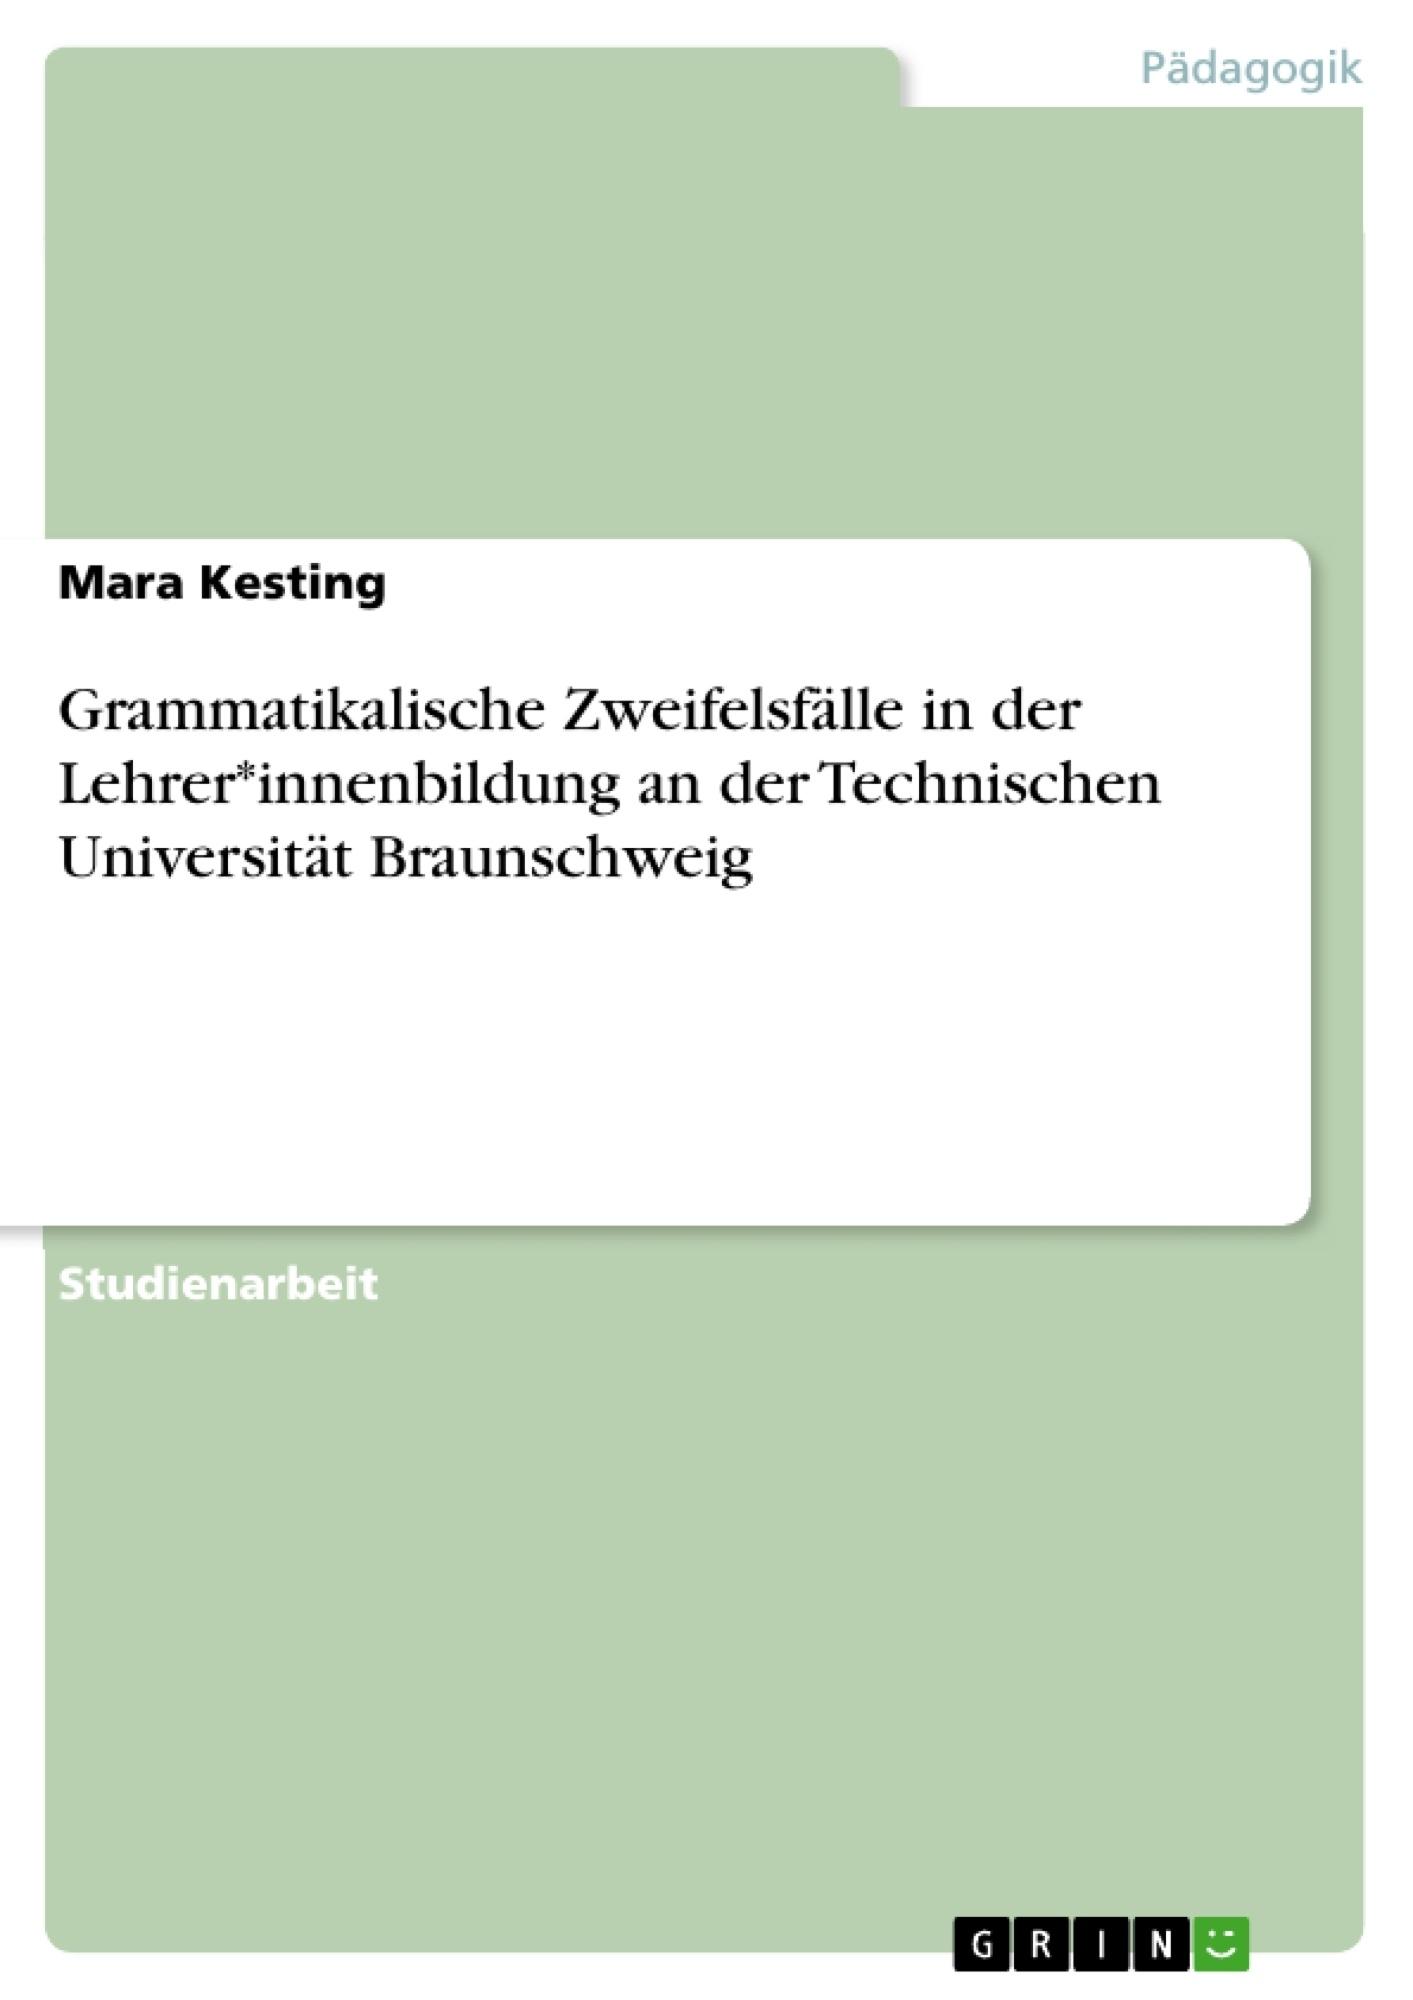 Titel: Grammatikalische Zweifelsfälle in der Lehrer*innenbildung an der Technischen Universität Braunschweig